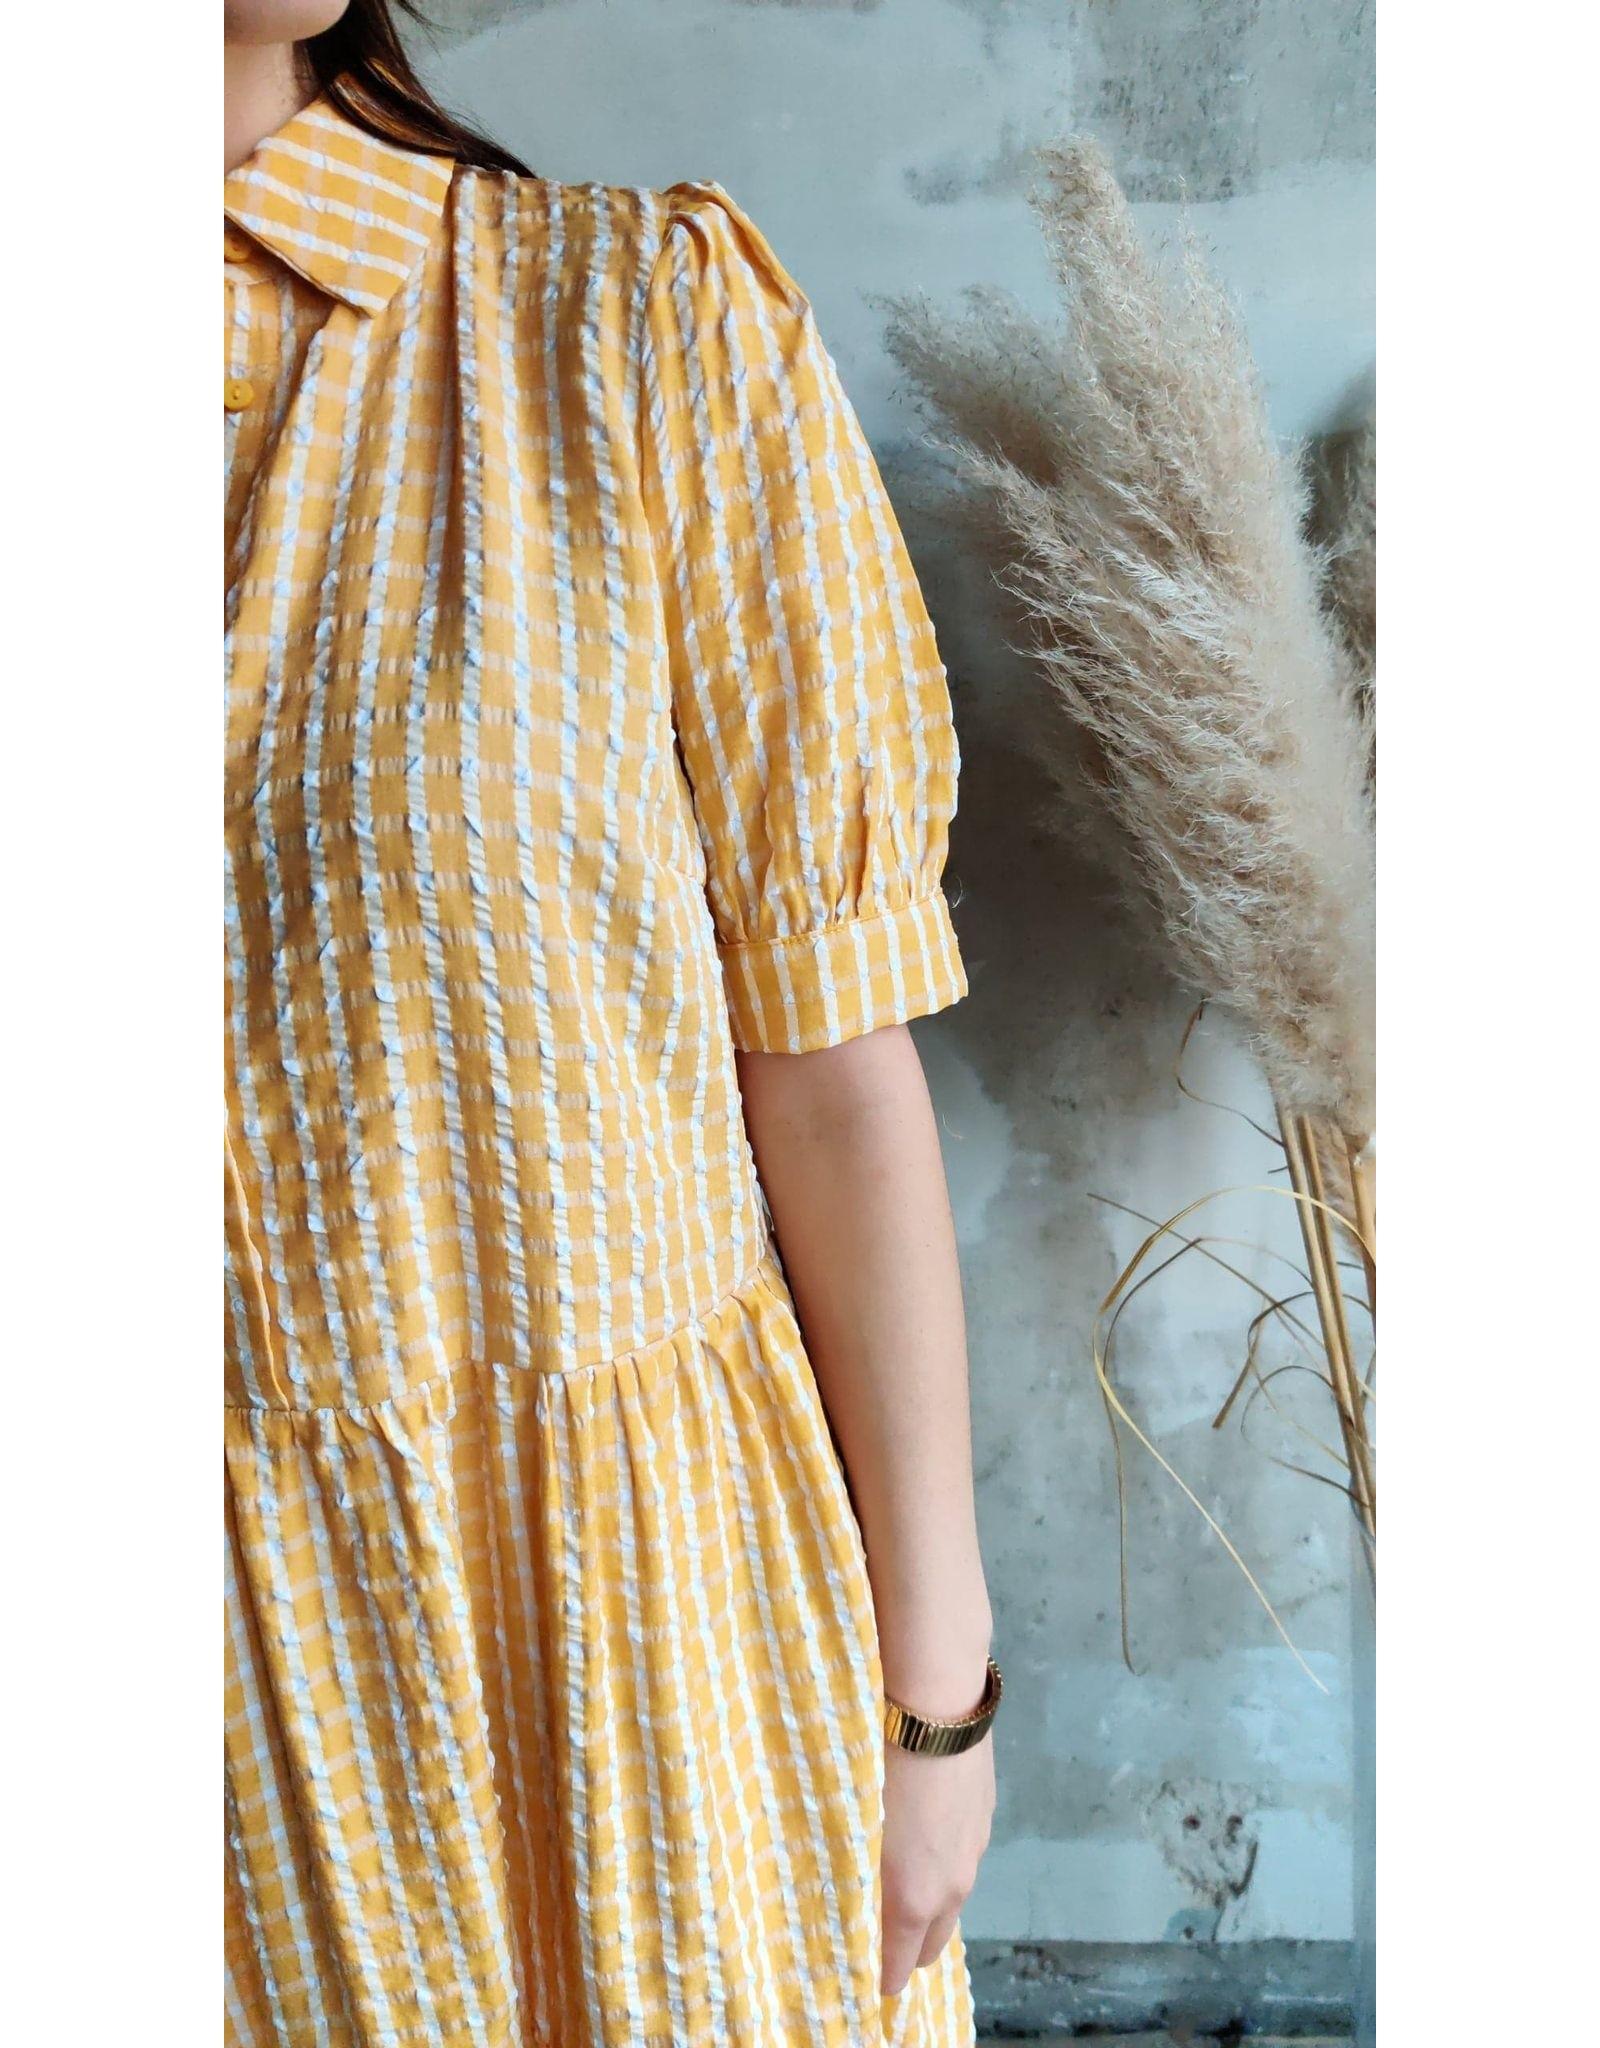 CAT DRESS BANANA CREAM